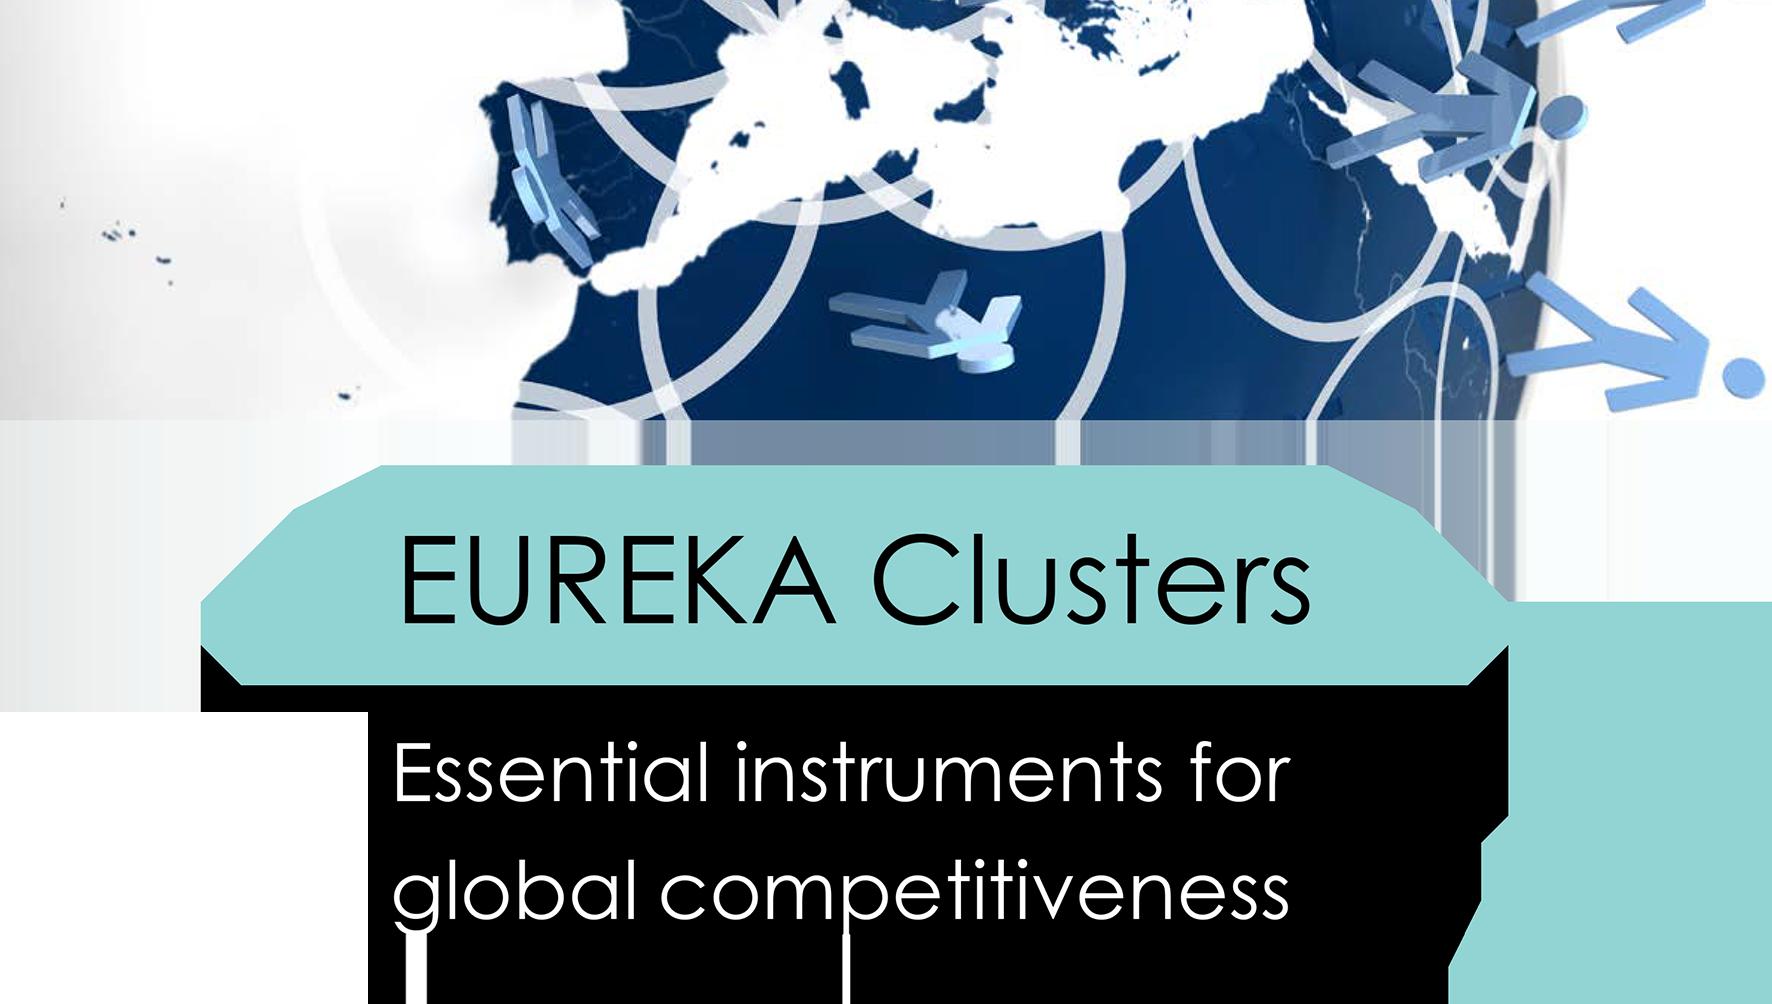 EUREKA Clusters brochure